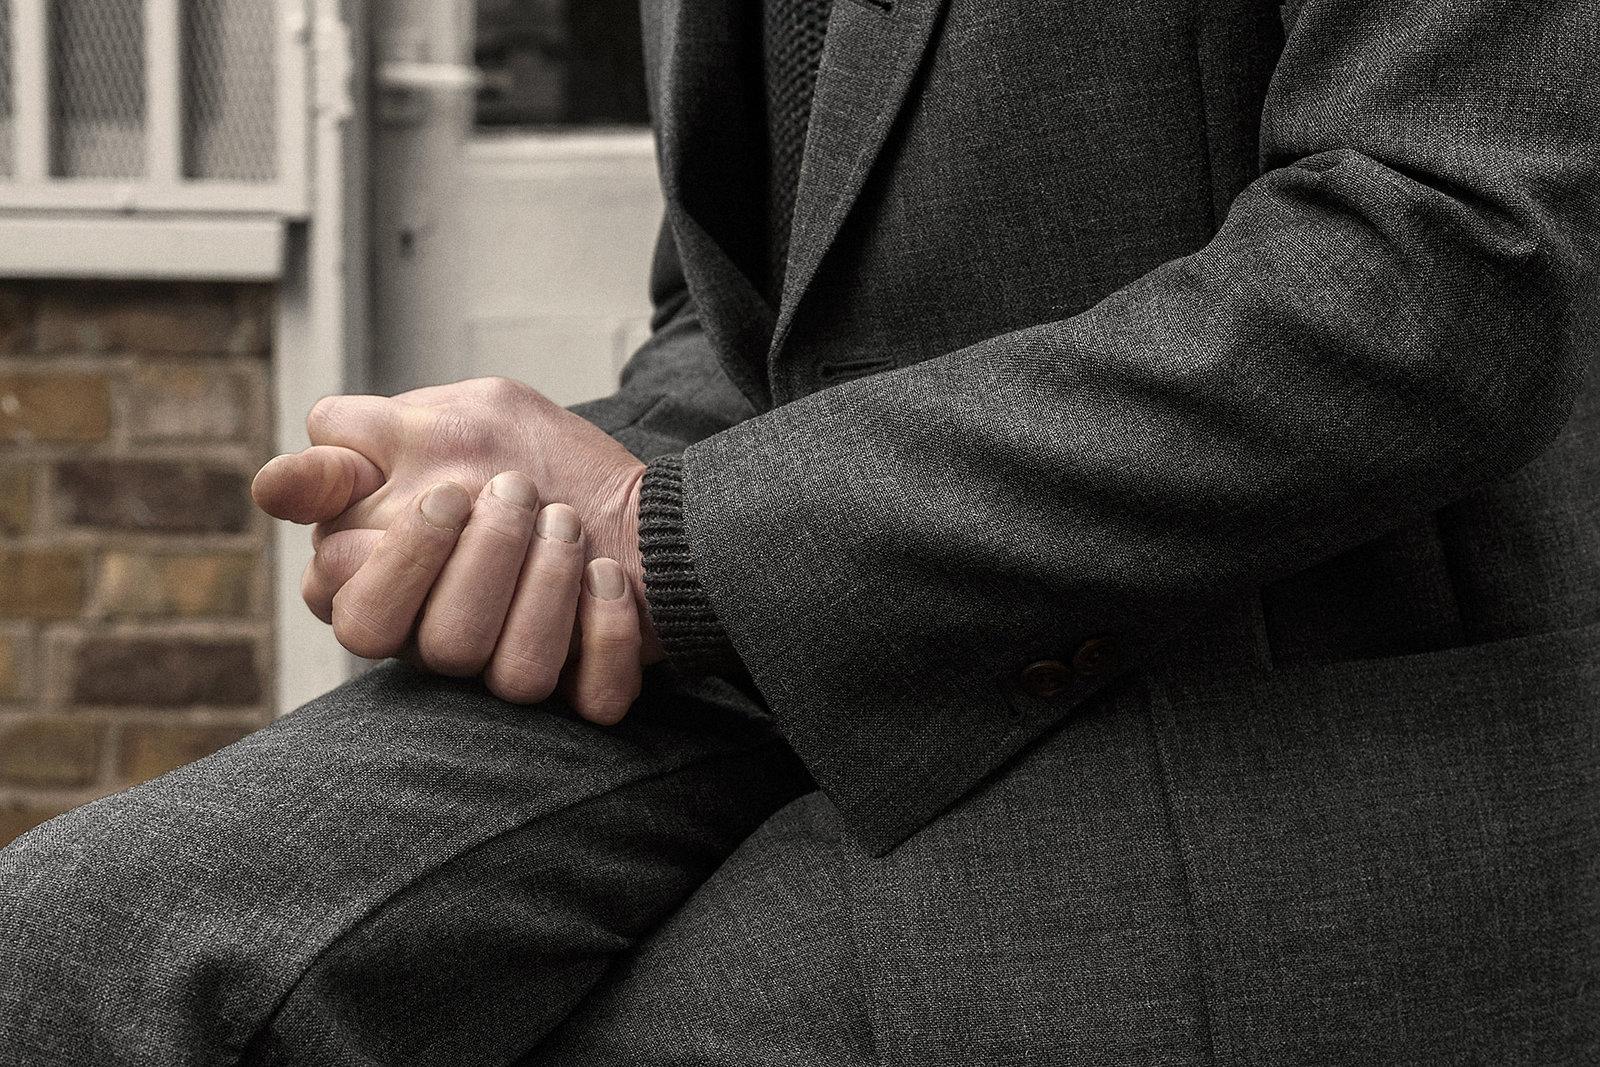 sb3-jacket-worsted-grey-worn-5@2x.jpg